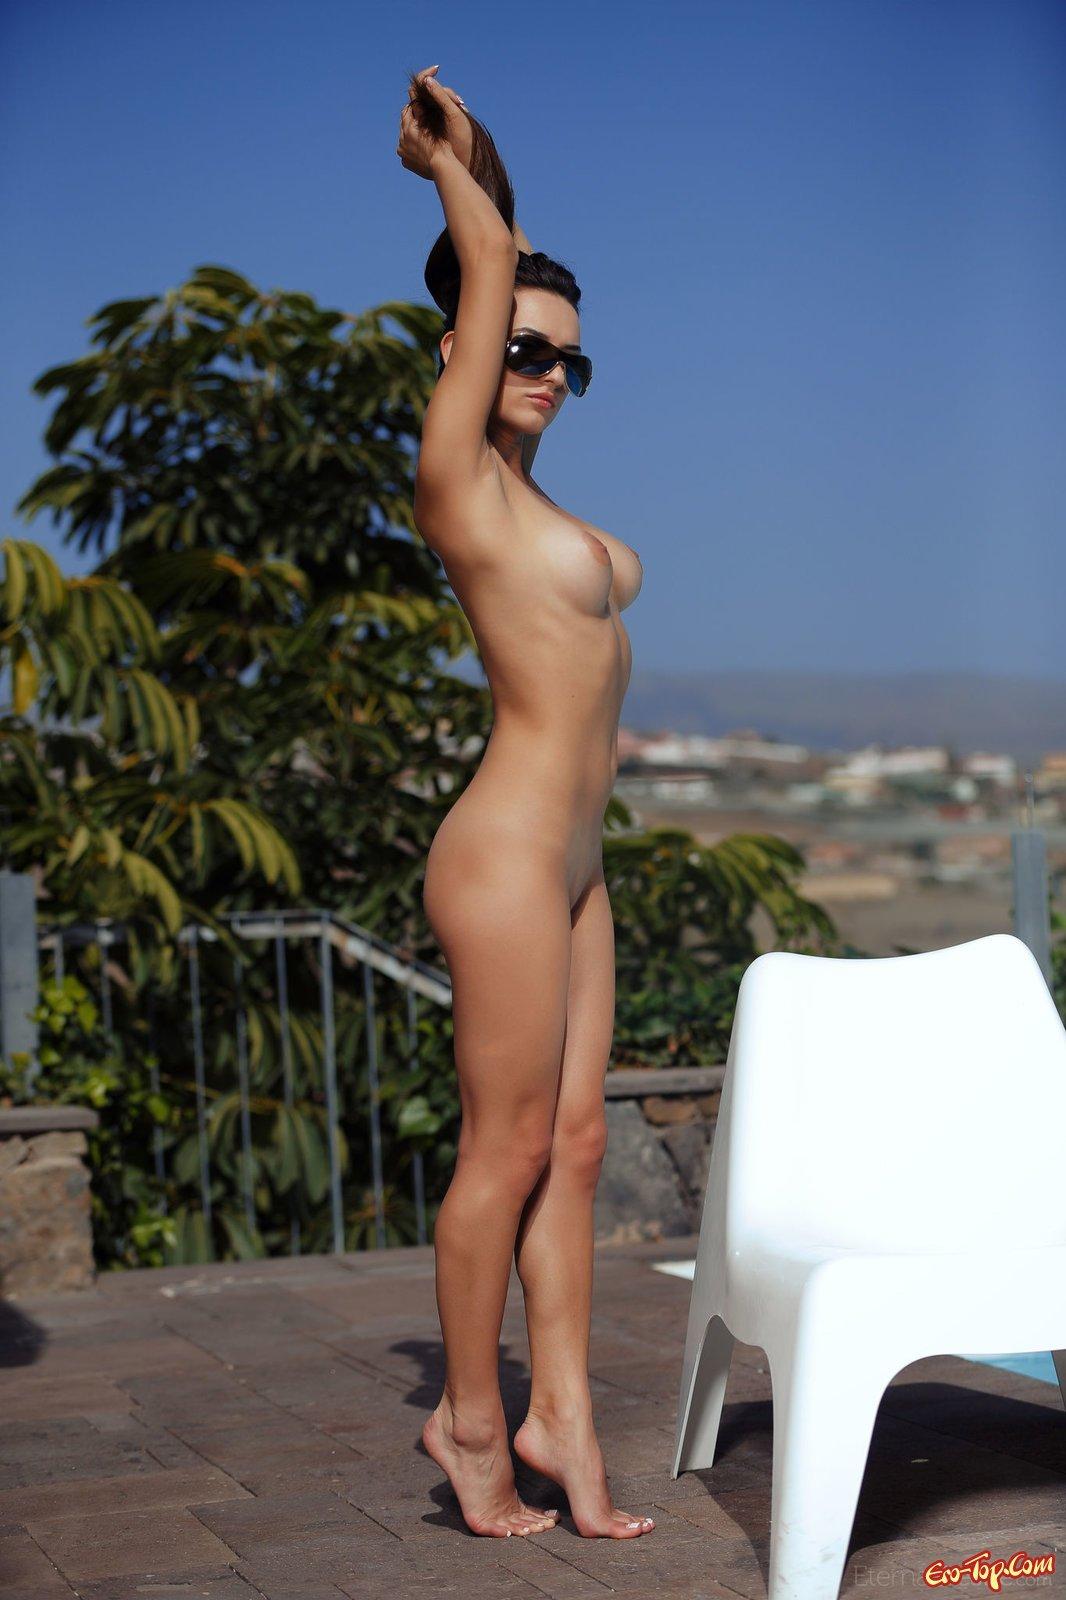 Красотка показывает сексуальное тело на солнышке